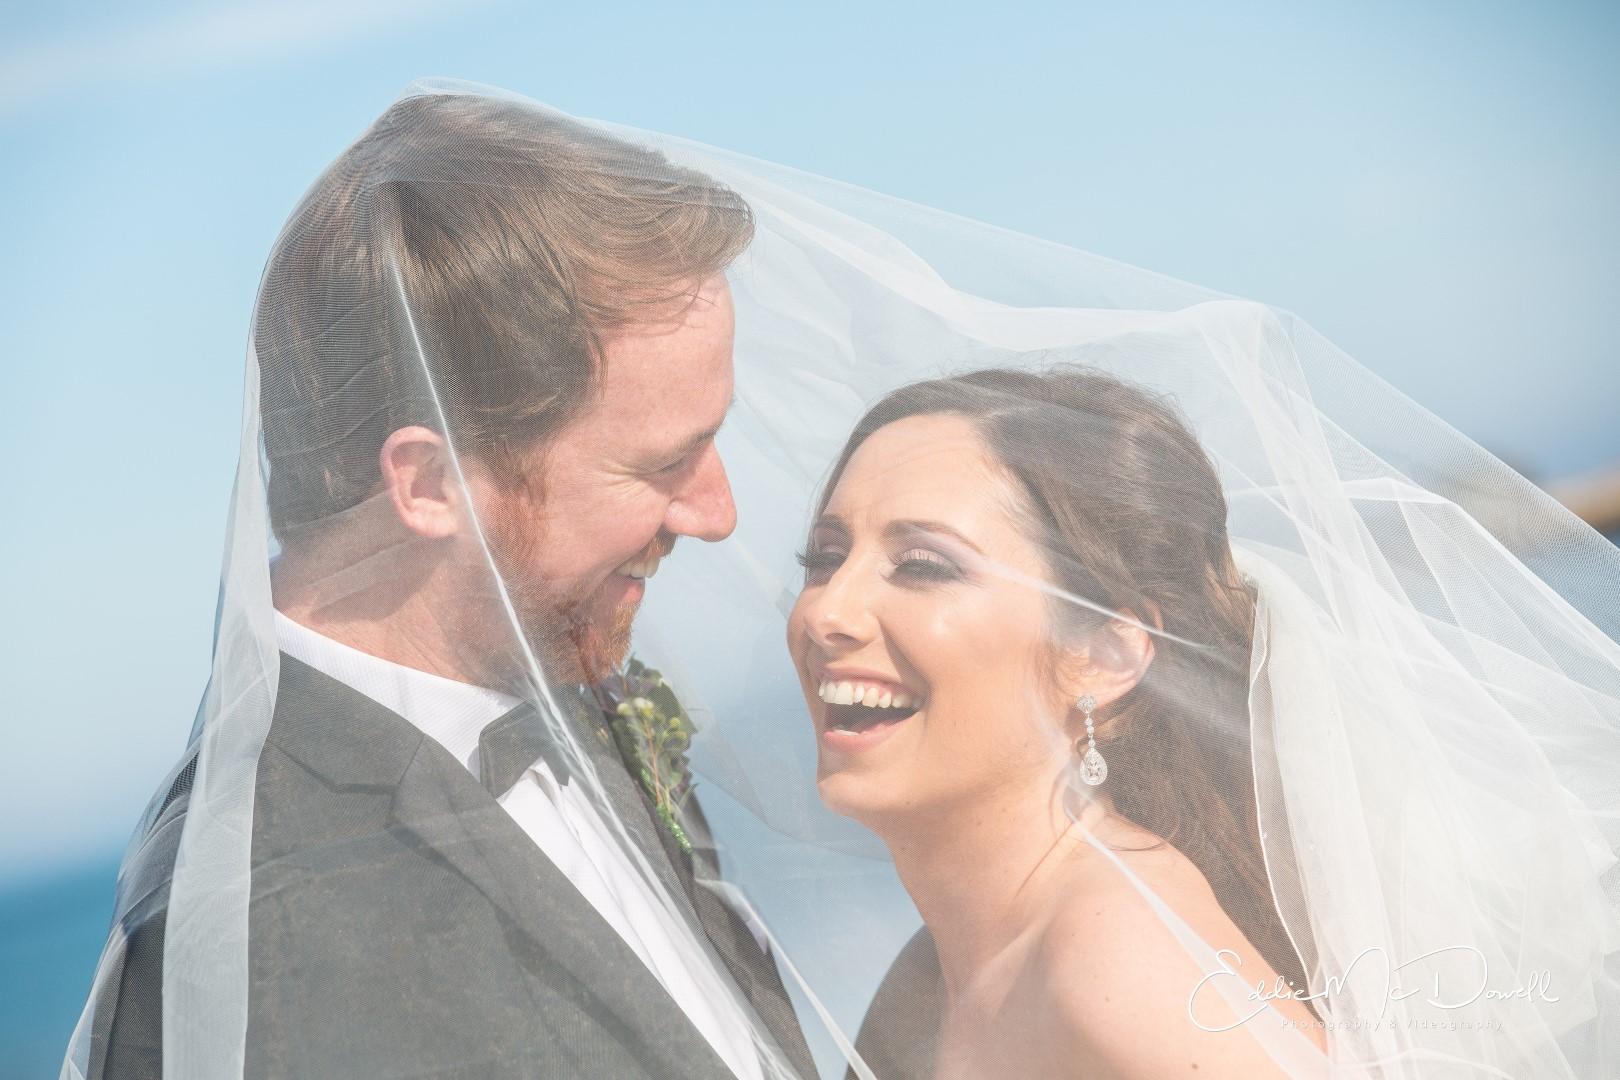 Chris & Rachel - Eddie McDowell (EMD Media)